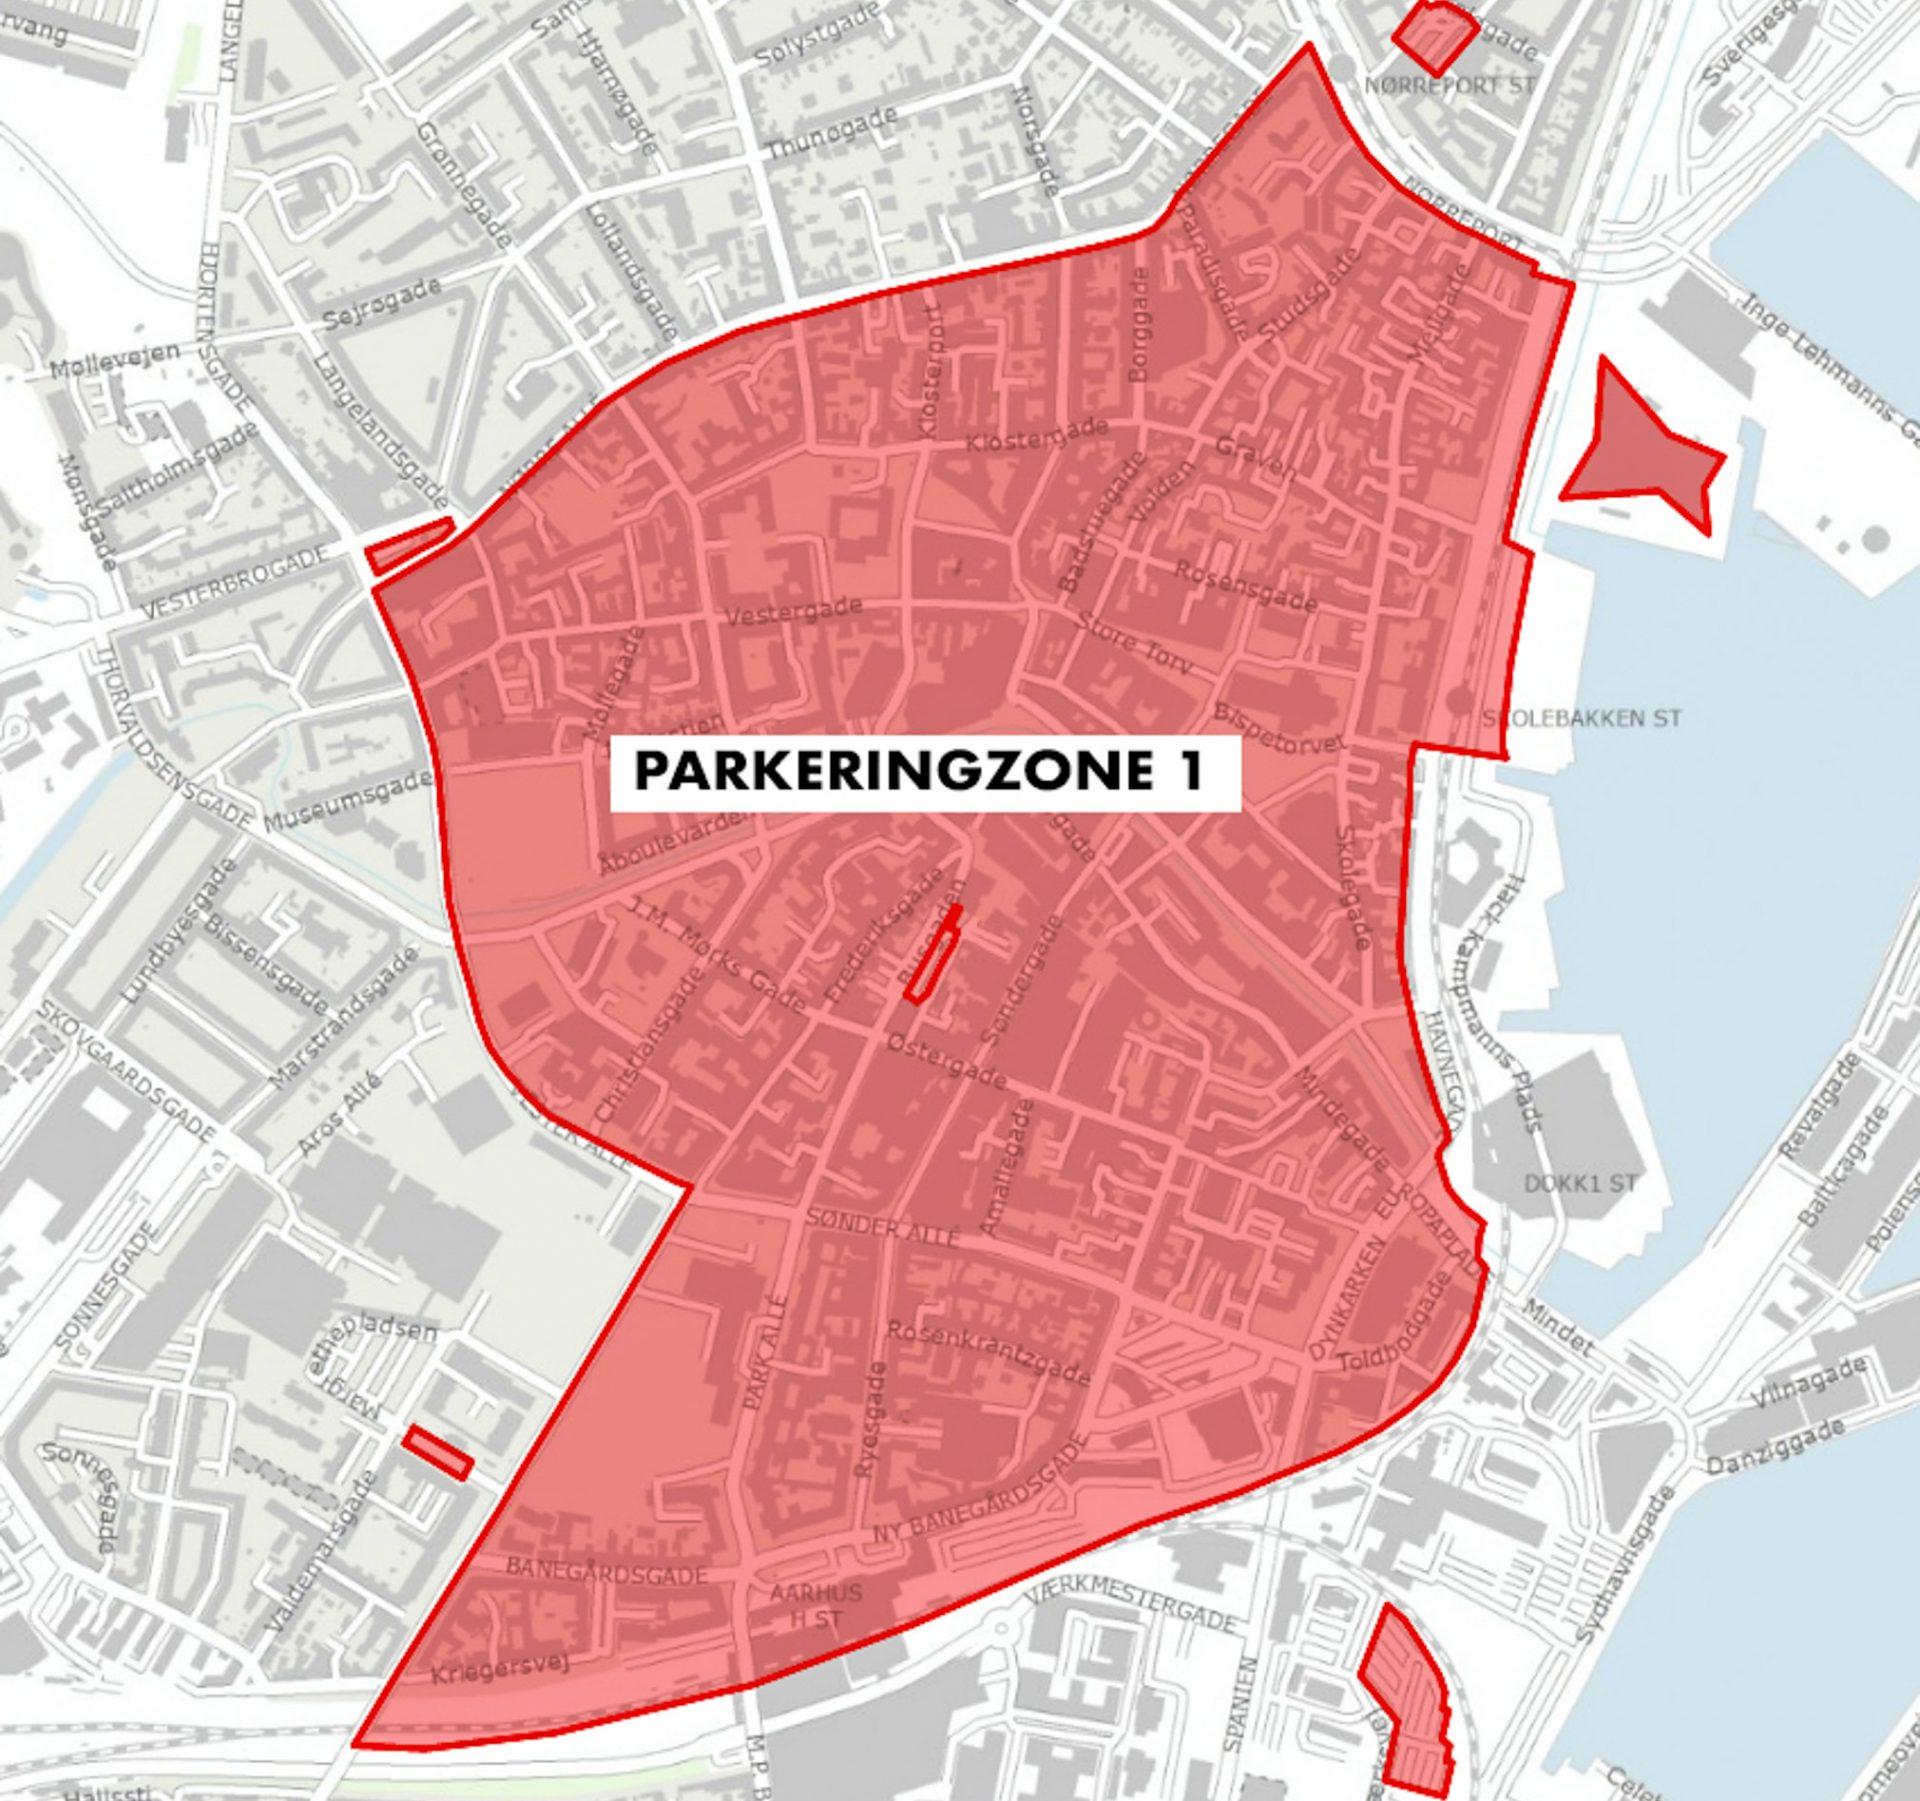 Bünyamin Simsek ophæver tidsbegrænset parkering for beboere i Aarhus midtby